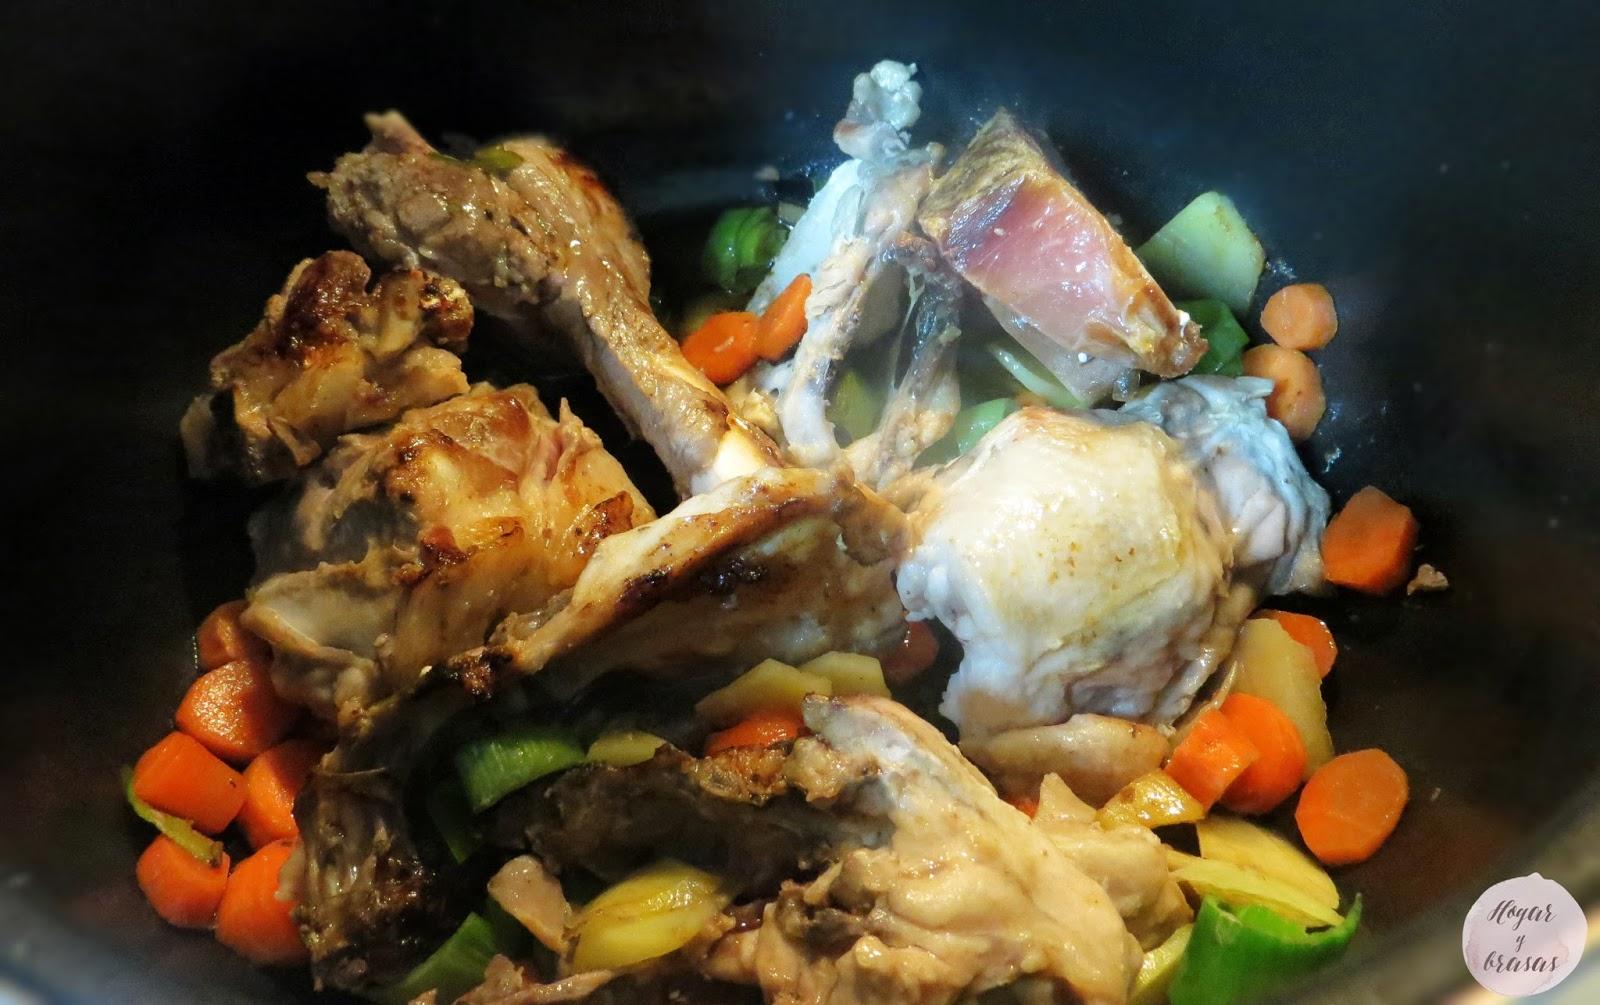 Como hacer un caldo de pollo como los de antes